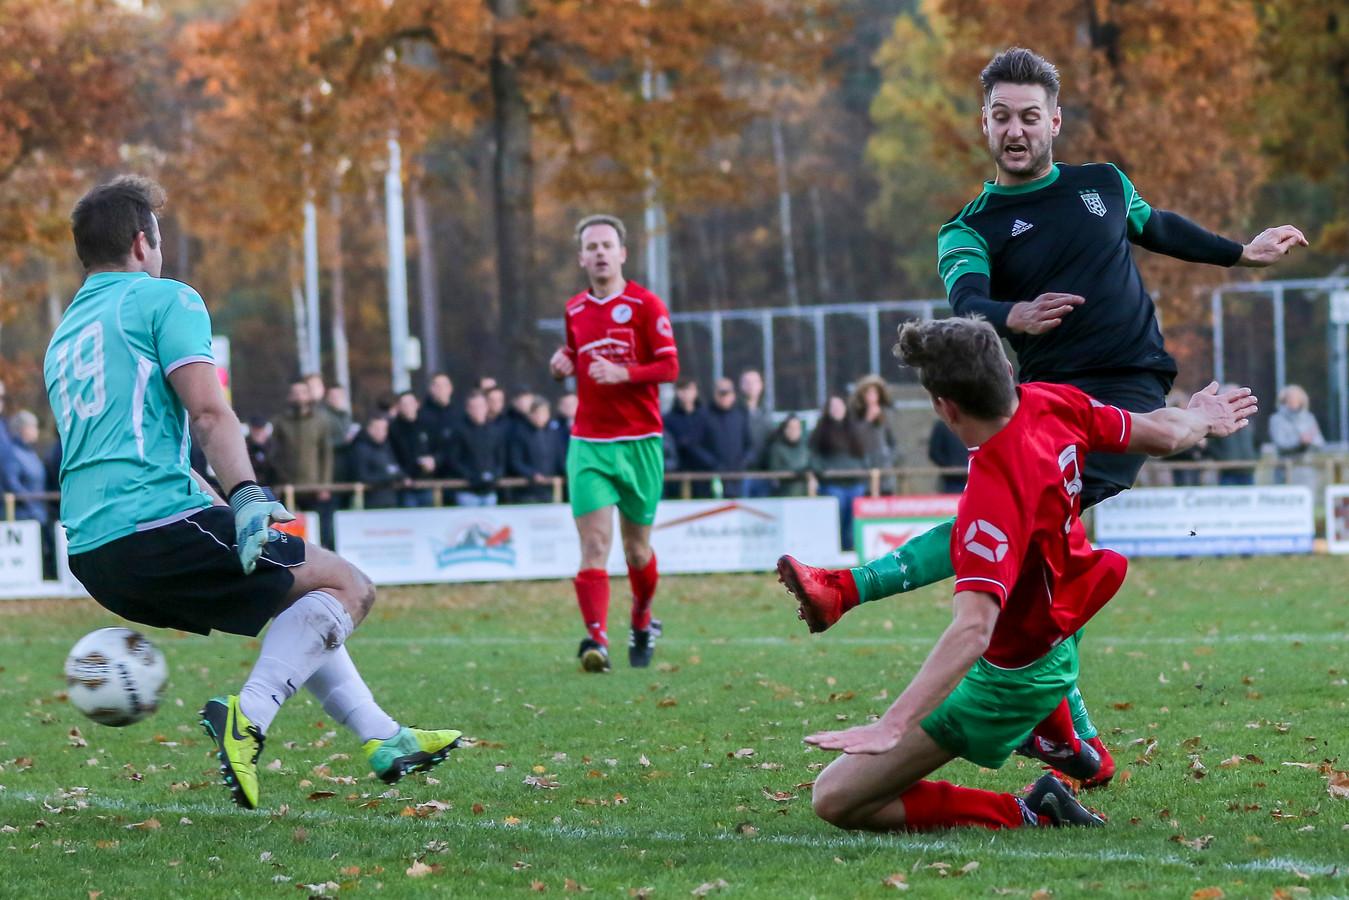 Tom Dekkers van Geldrop verschalkt doelman Vincent Jansen van RKSV Heeze.